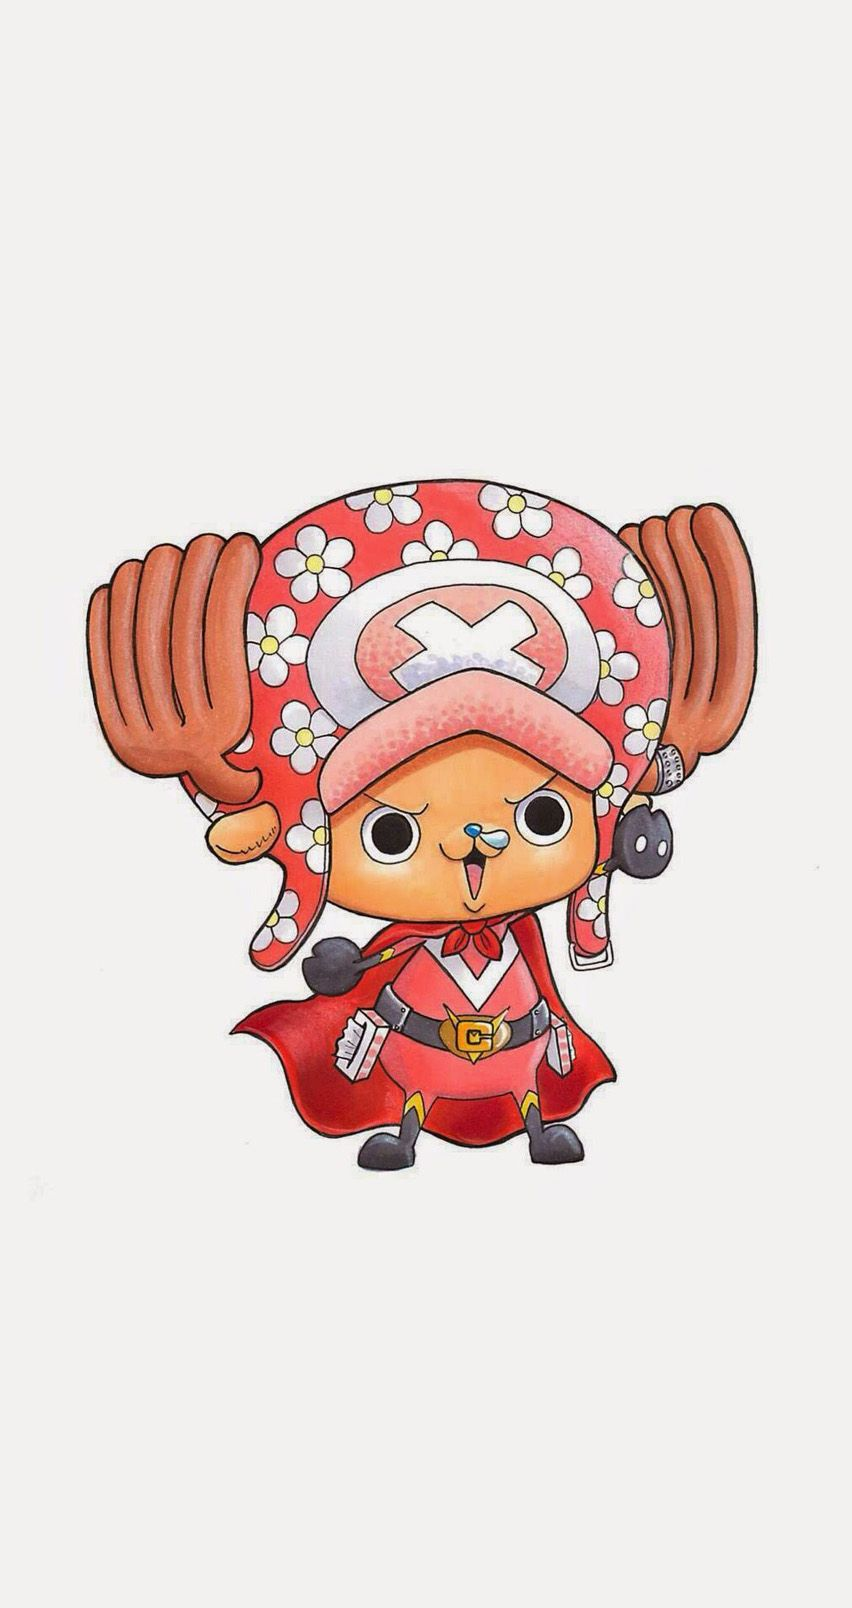 Chopper One Piece Cute 736x1389 Download Hd Wallpaper Wallpapertip